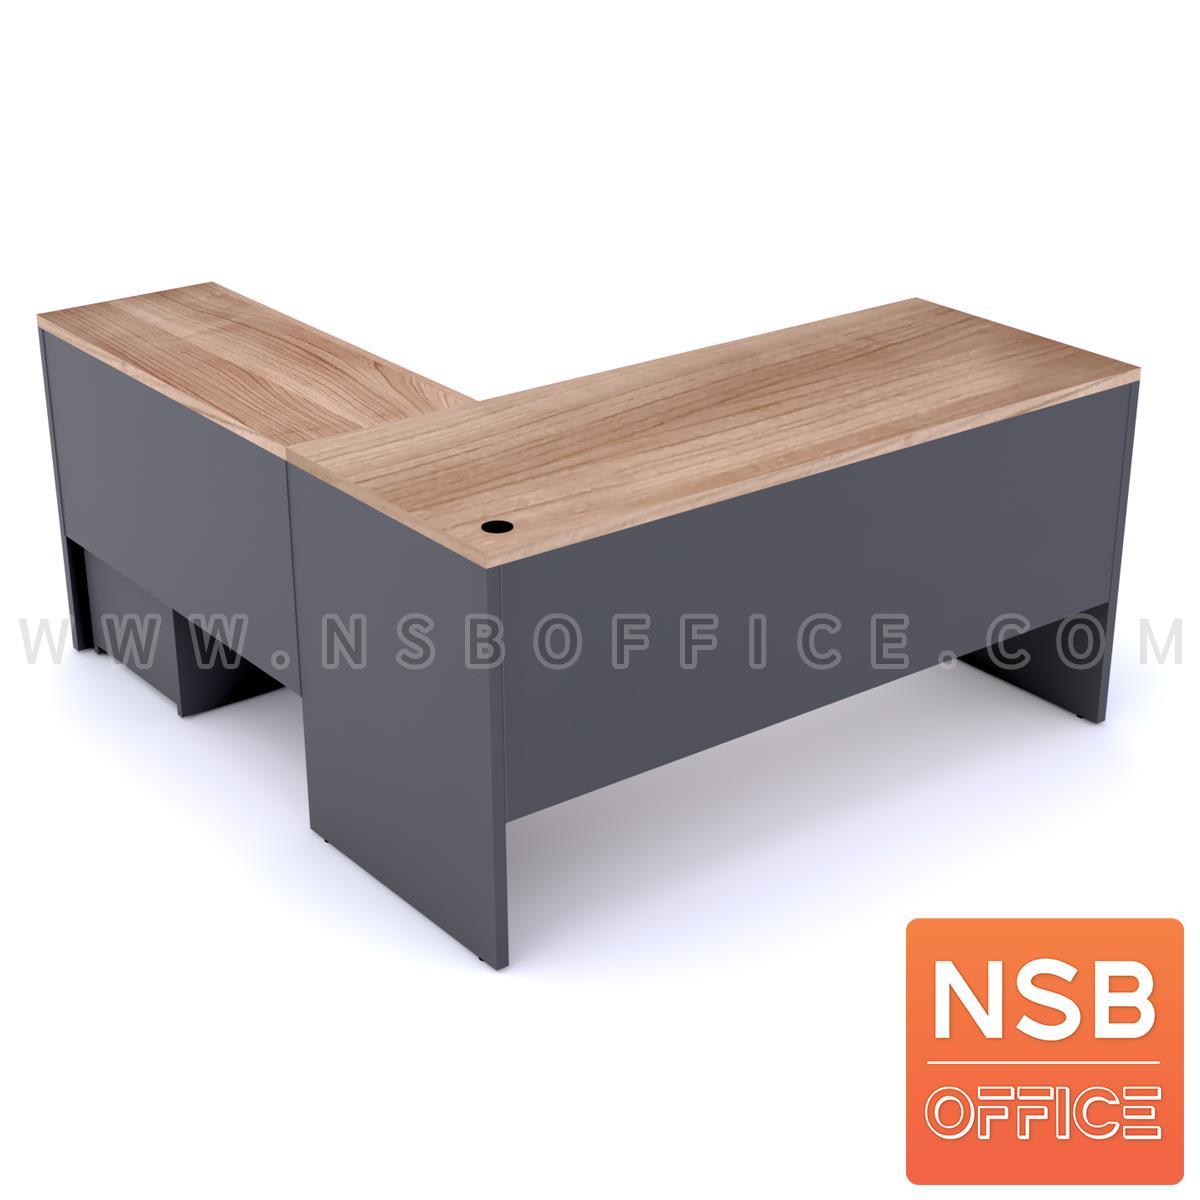 A16A086:โต๊ะทำงานตัวแอล รุ่น Orianna (โอเรียนน่า) ขนาด 150W*160W/180W*160/150W*175W/180W*175 cm.